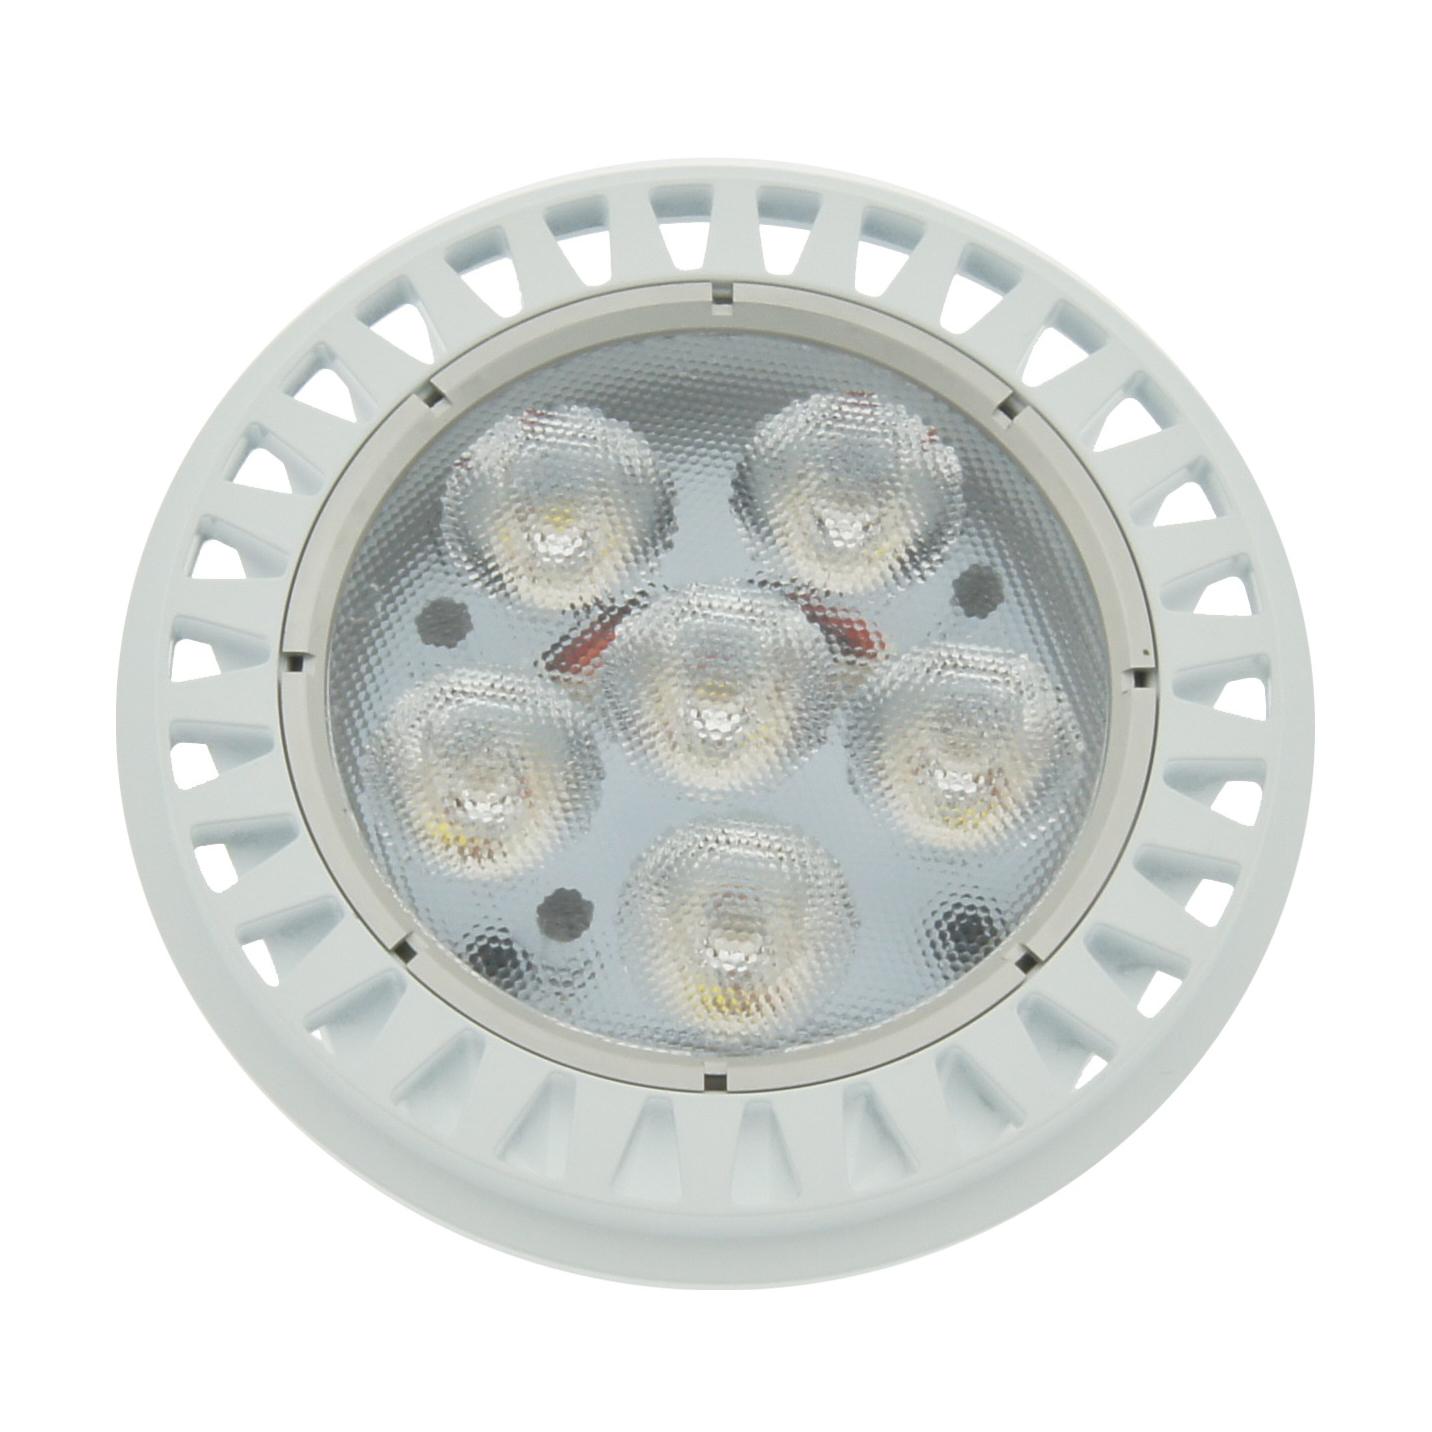 1 Stk LED DMX Einsatz | Inset 20W RGBW 111 - IP20 LILD120140